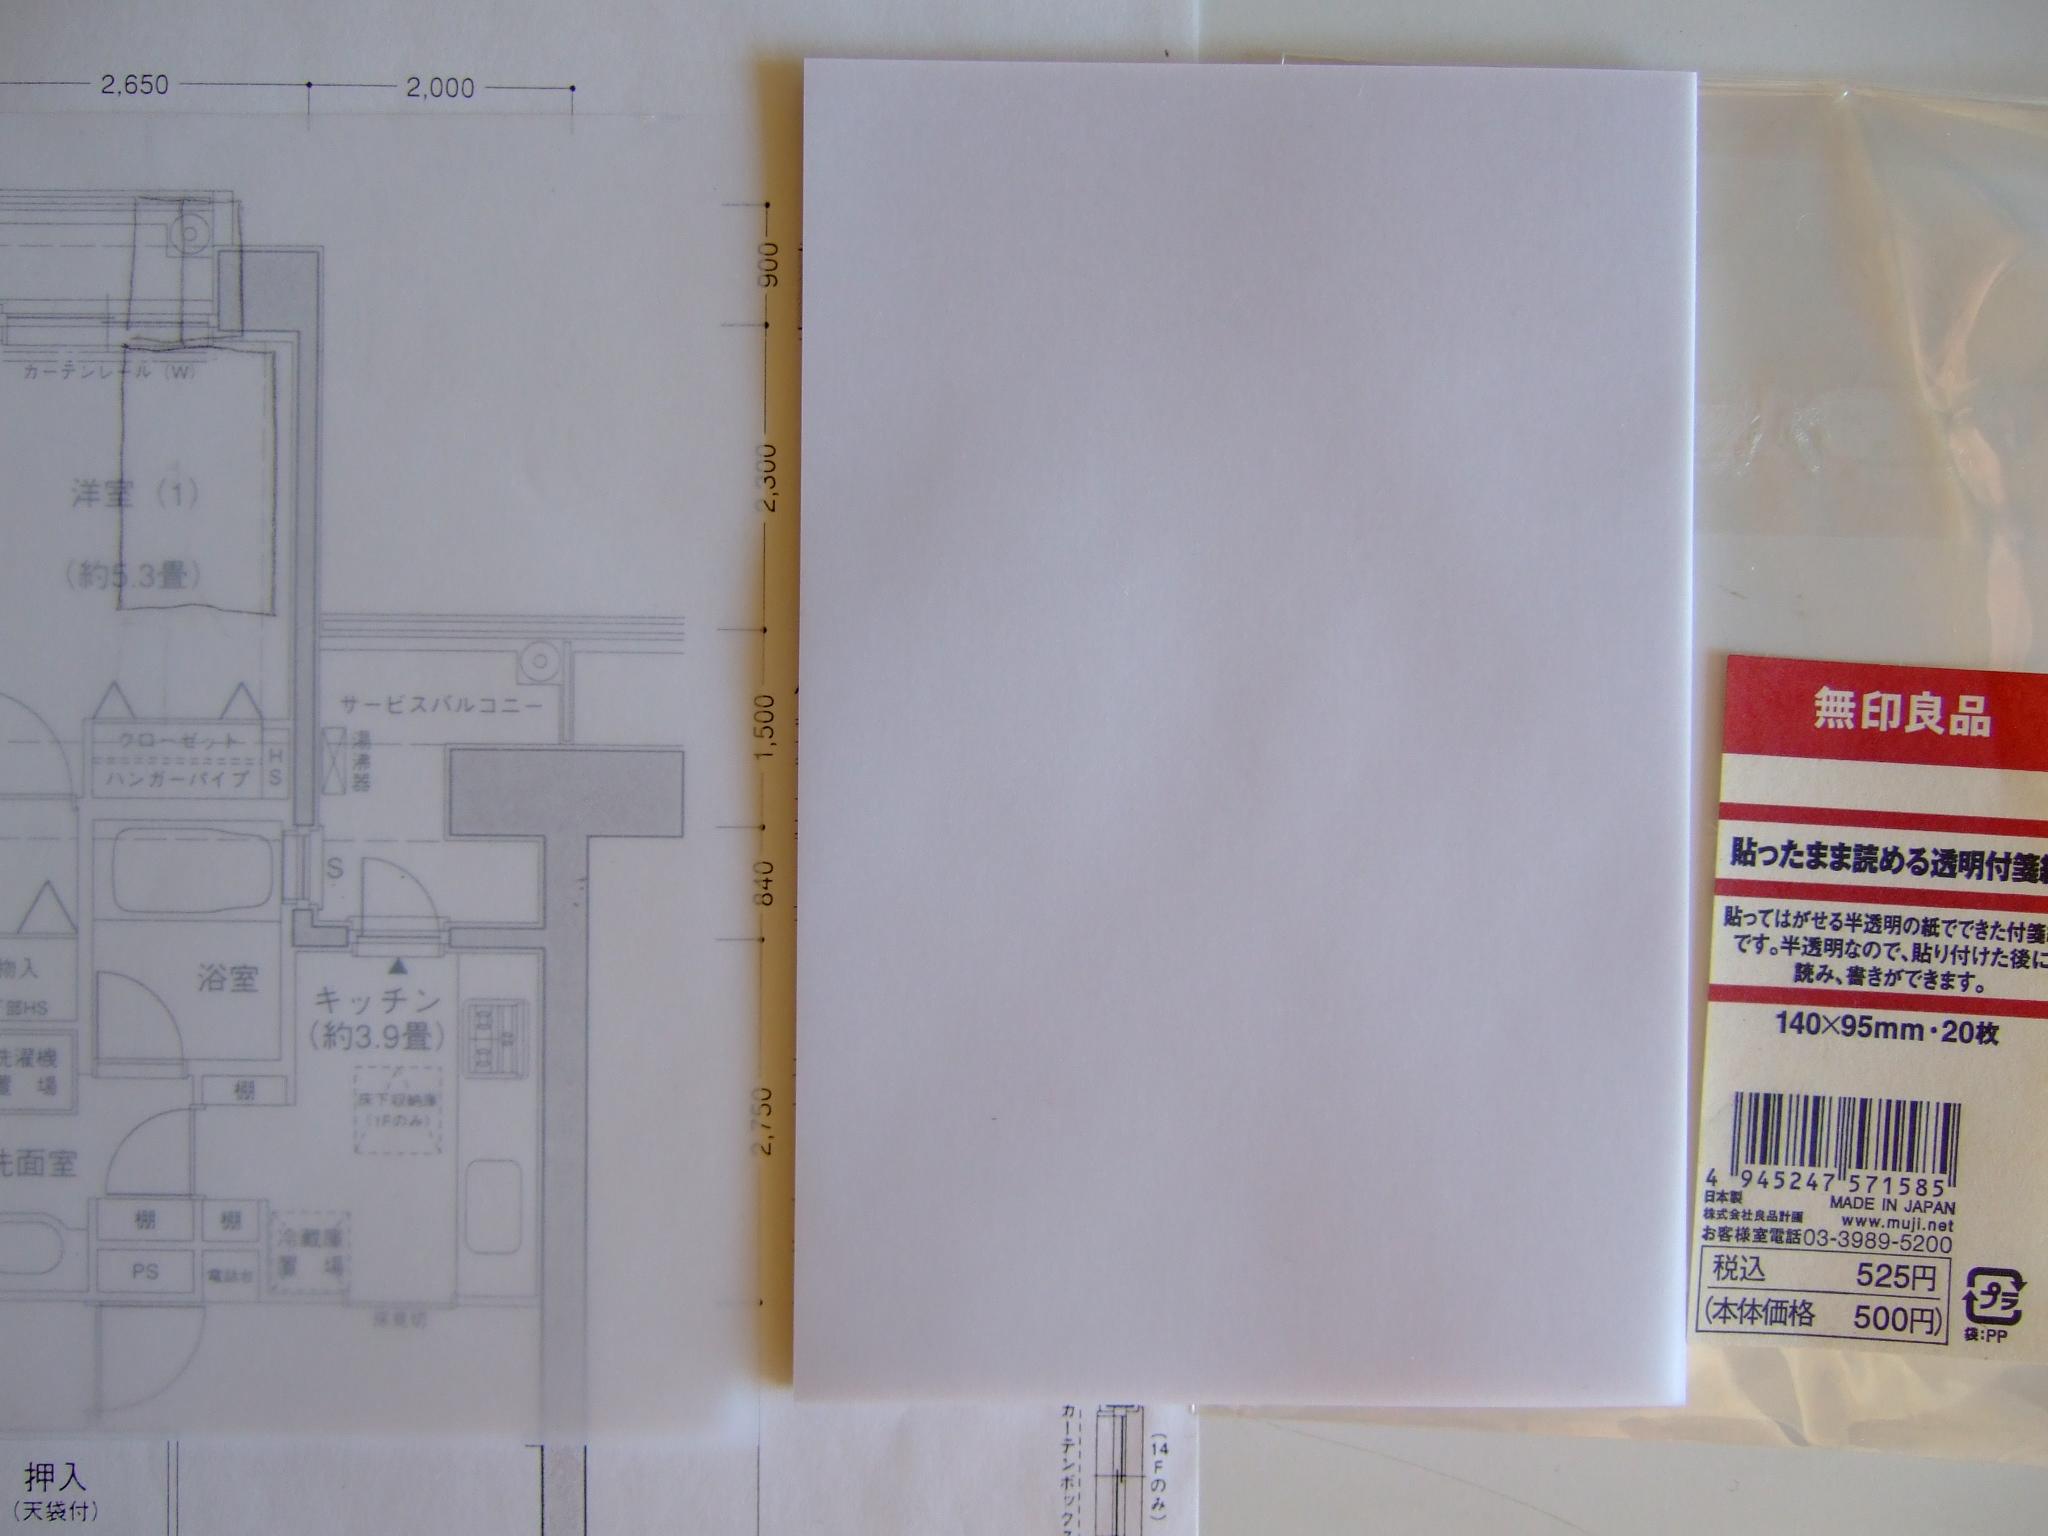 無印「貼ったまま読める透明付箋紙」の地味にスゴイ魅力3つ - ライブドアニュース